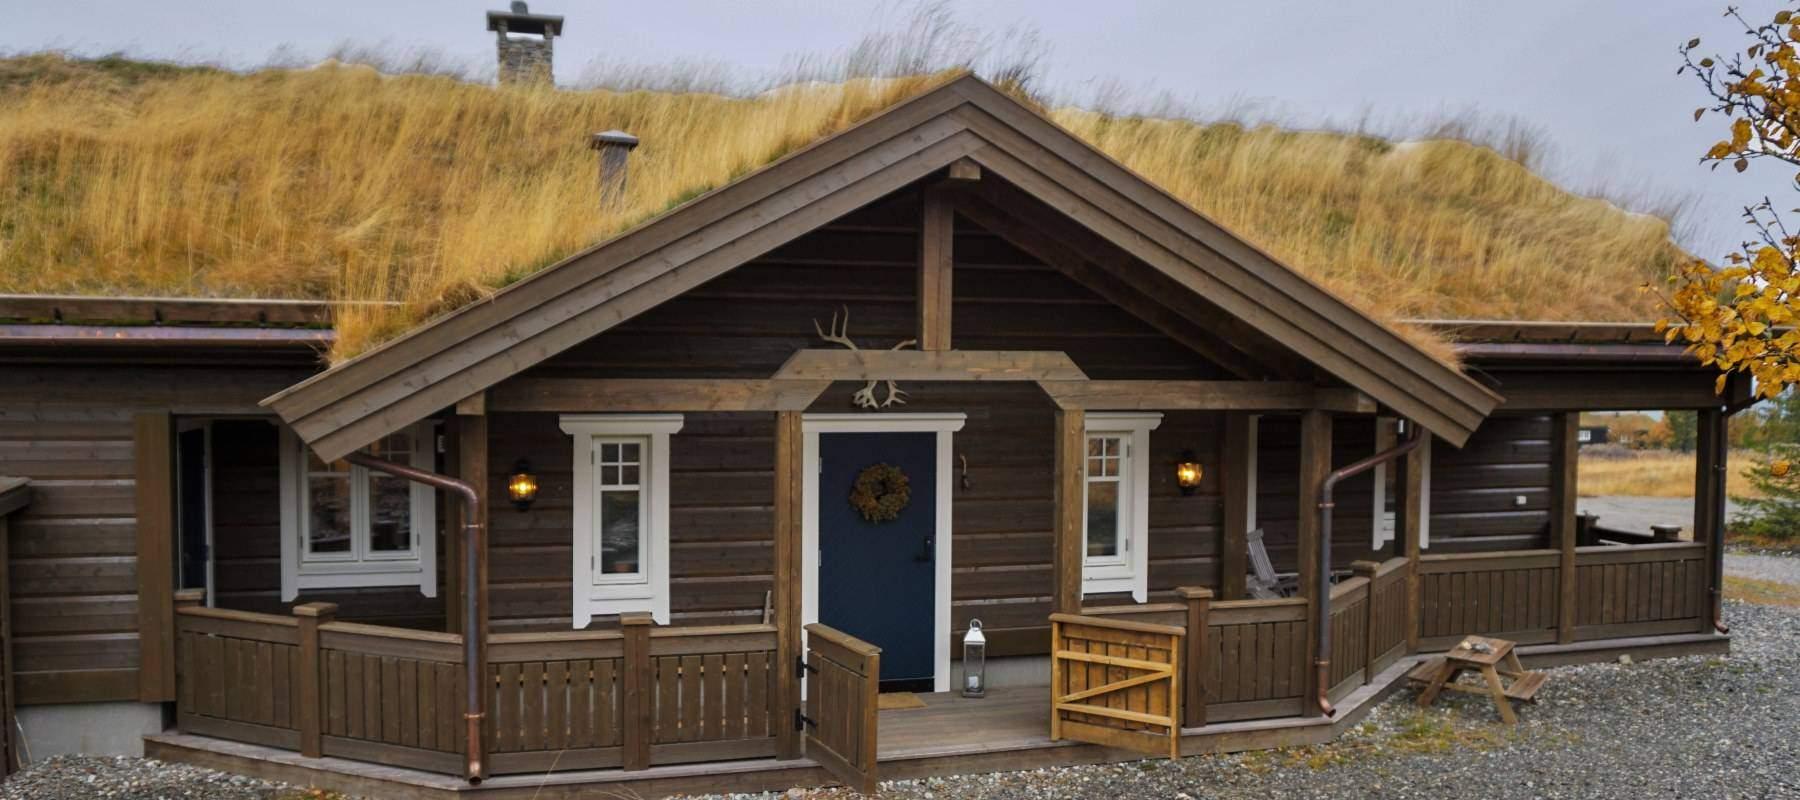 43 Hytteleverandor – Tiurtoppen Hytter Inspirasjon hytte pa Gålå